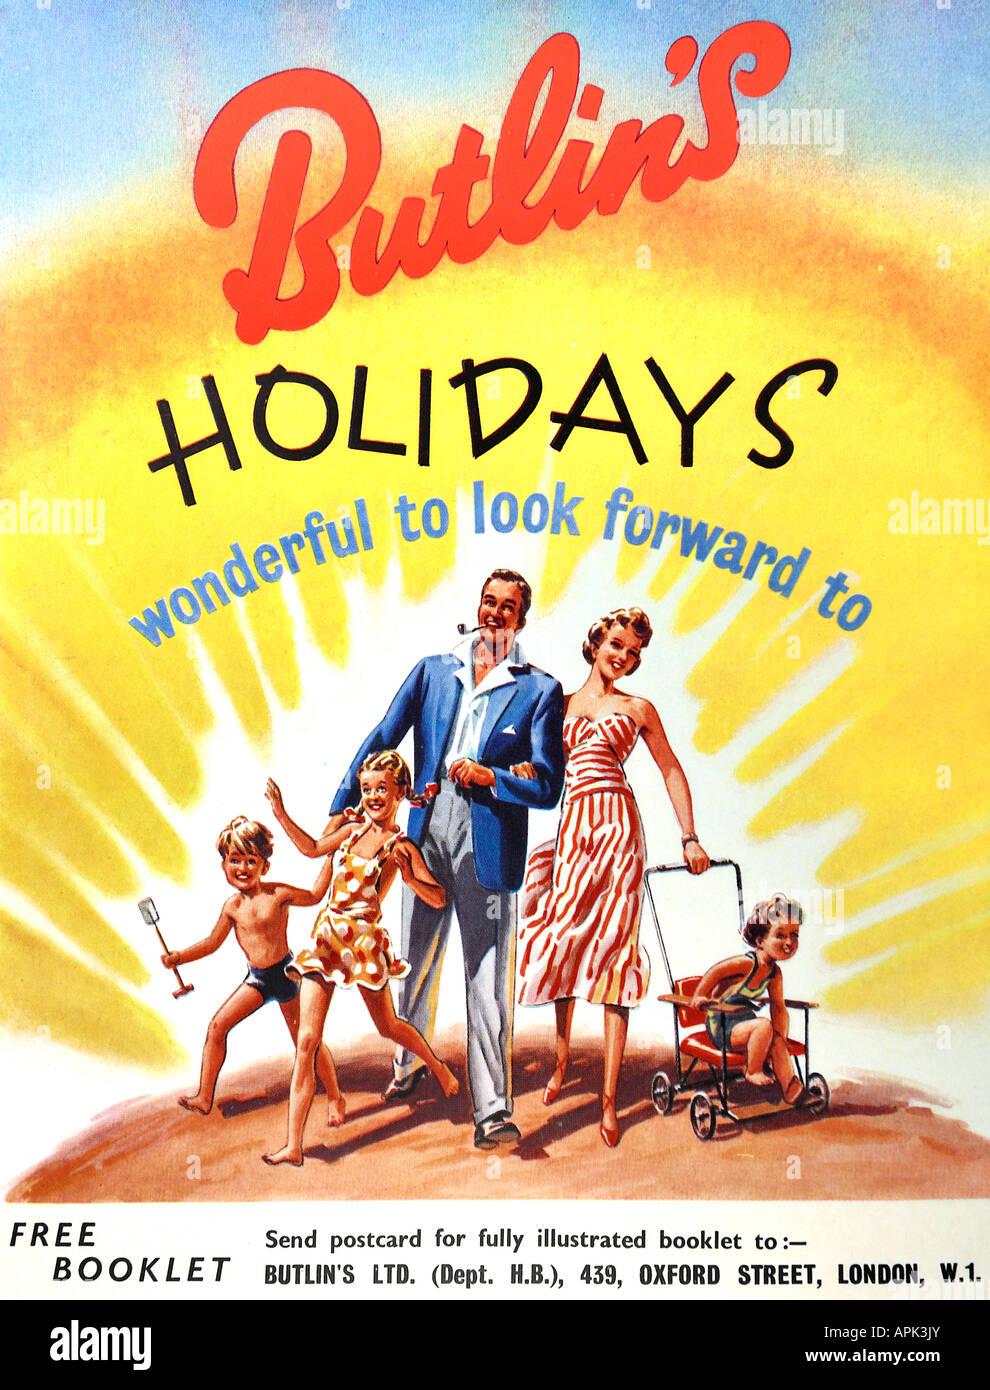 1950 Butlin's Holidays 1952 Publicité pour un usage éditorial uniquement Photo Stock